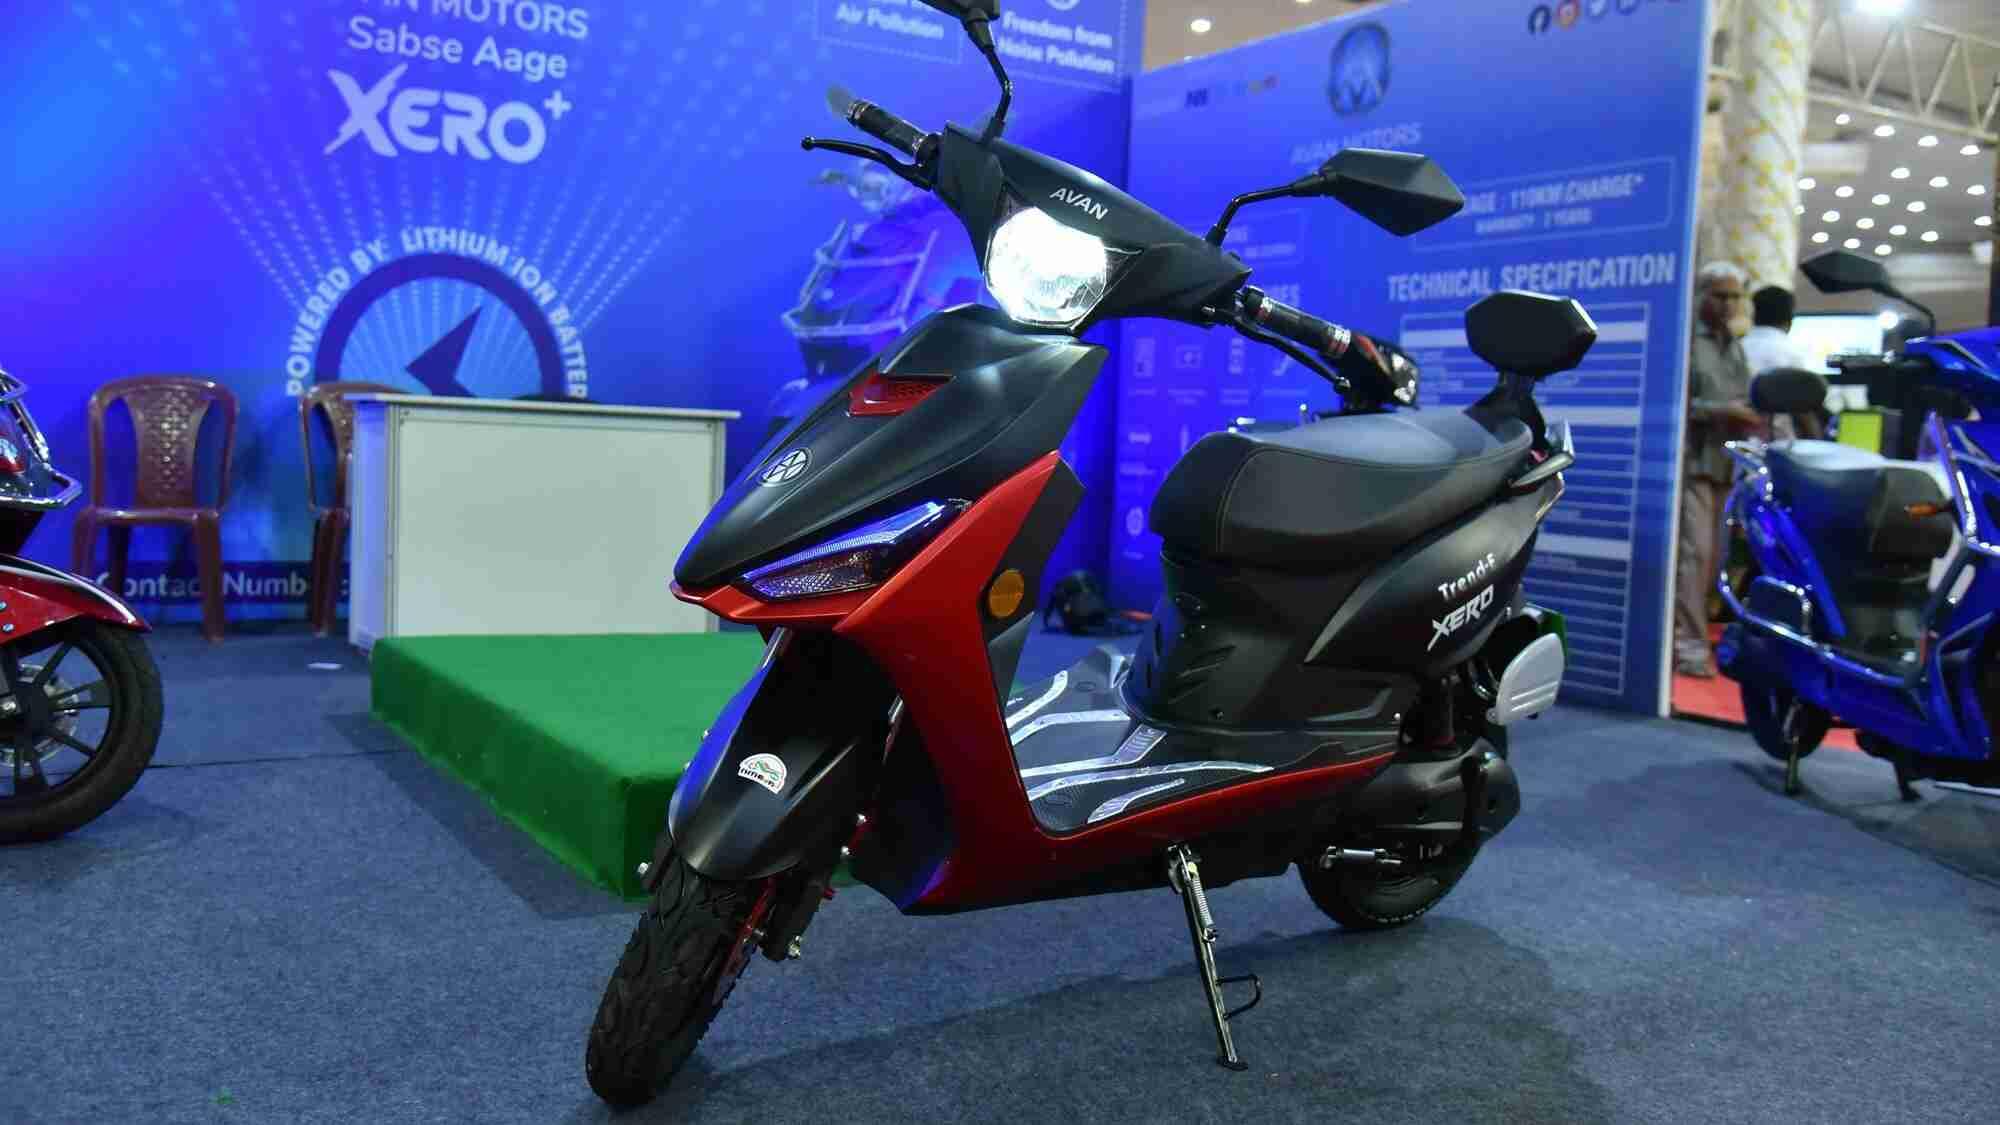 Avan Motors Trend E Xero